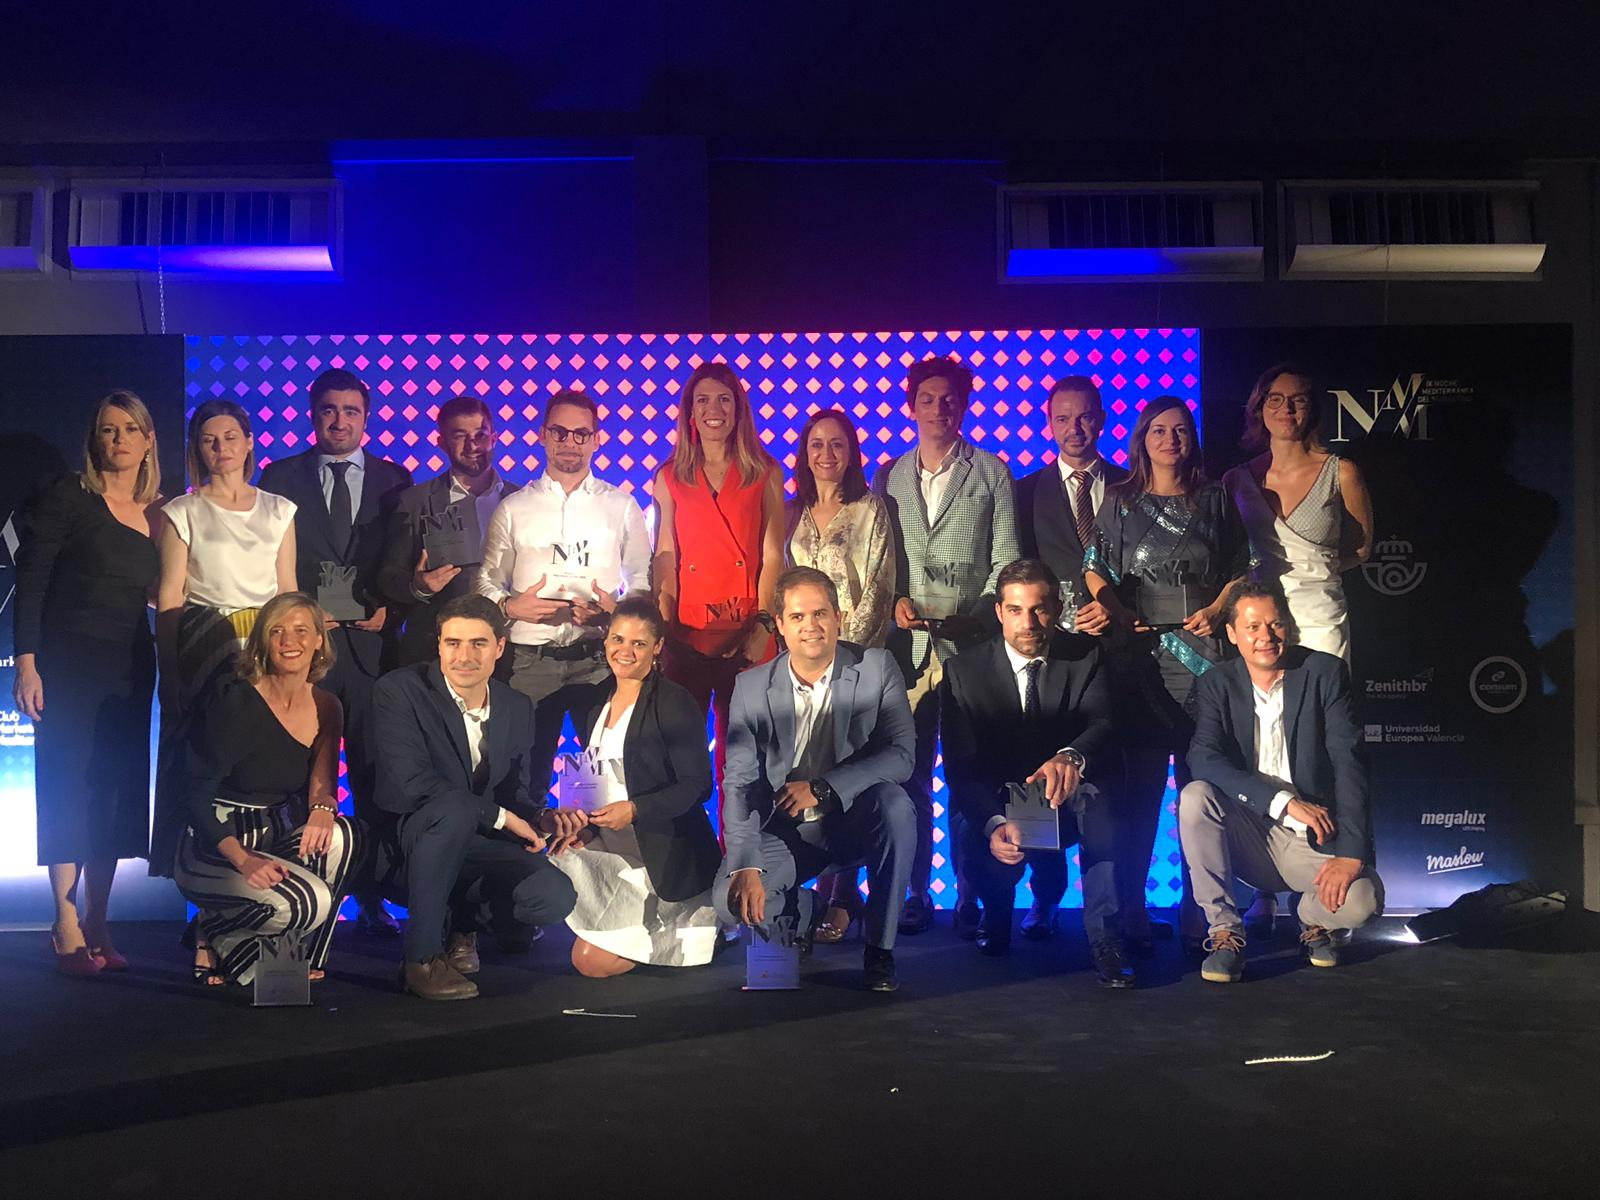 Finalistas noche del marketing mediterráneo